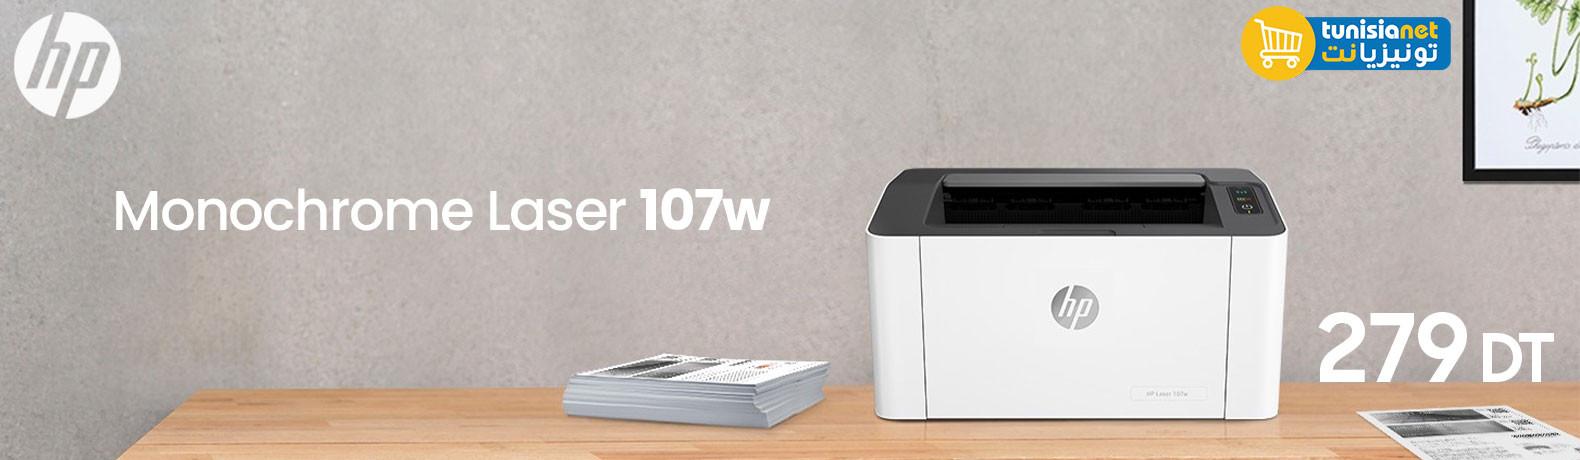 Imprimante Laser tunisie